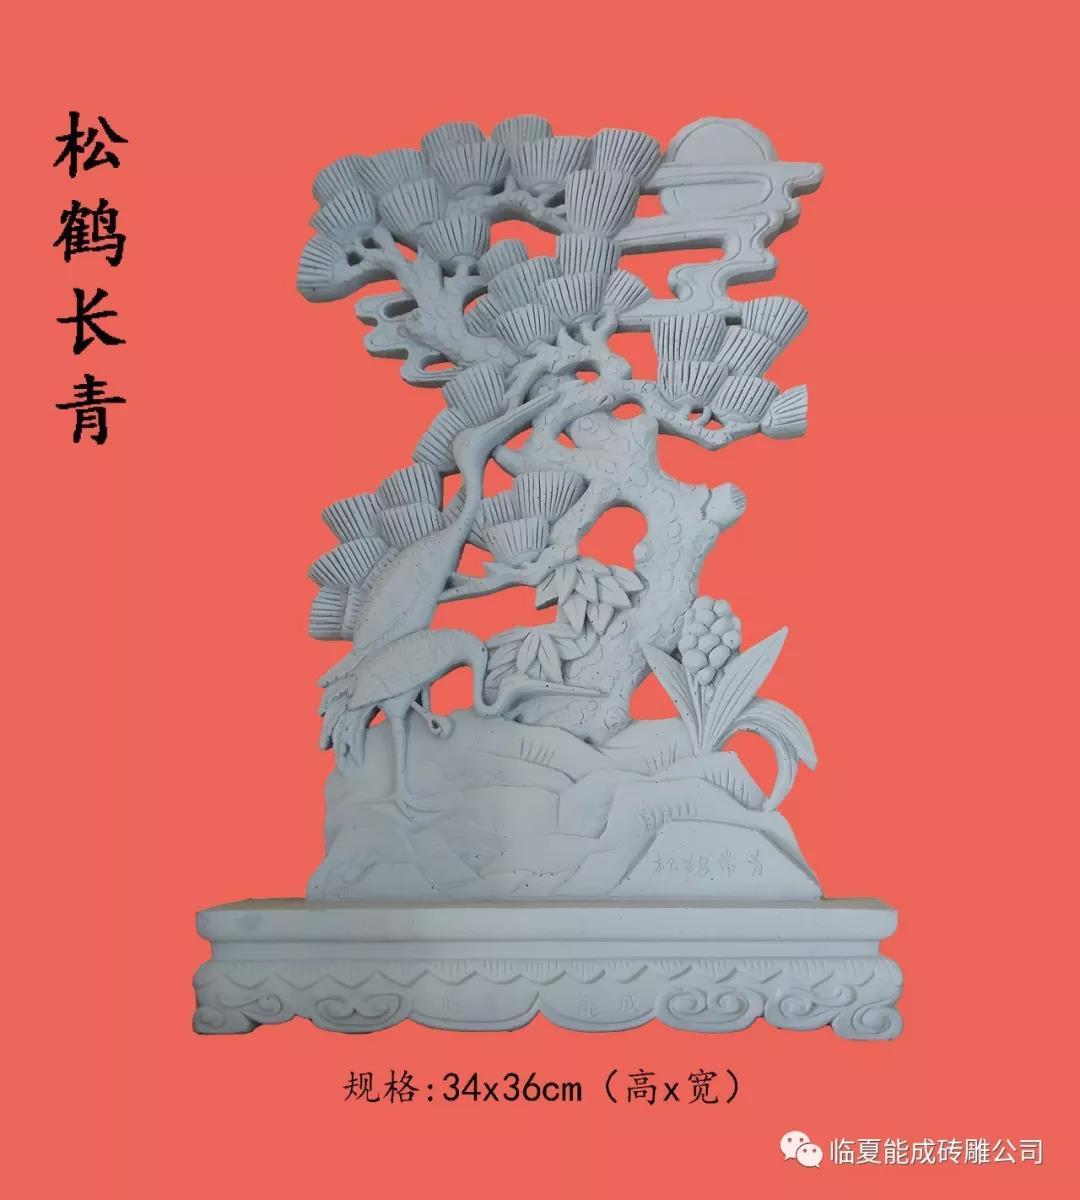 松鹤长青砖雕工艺品